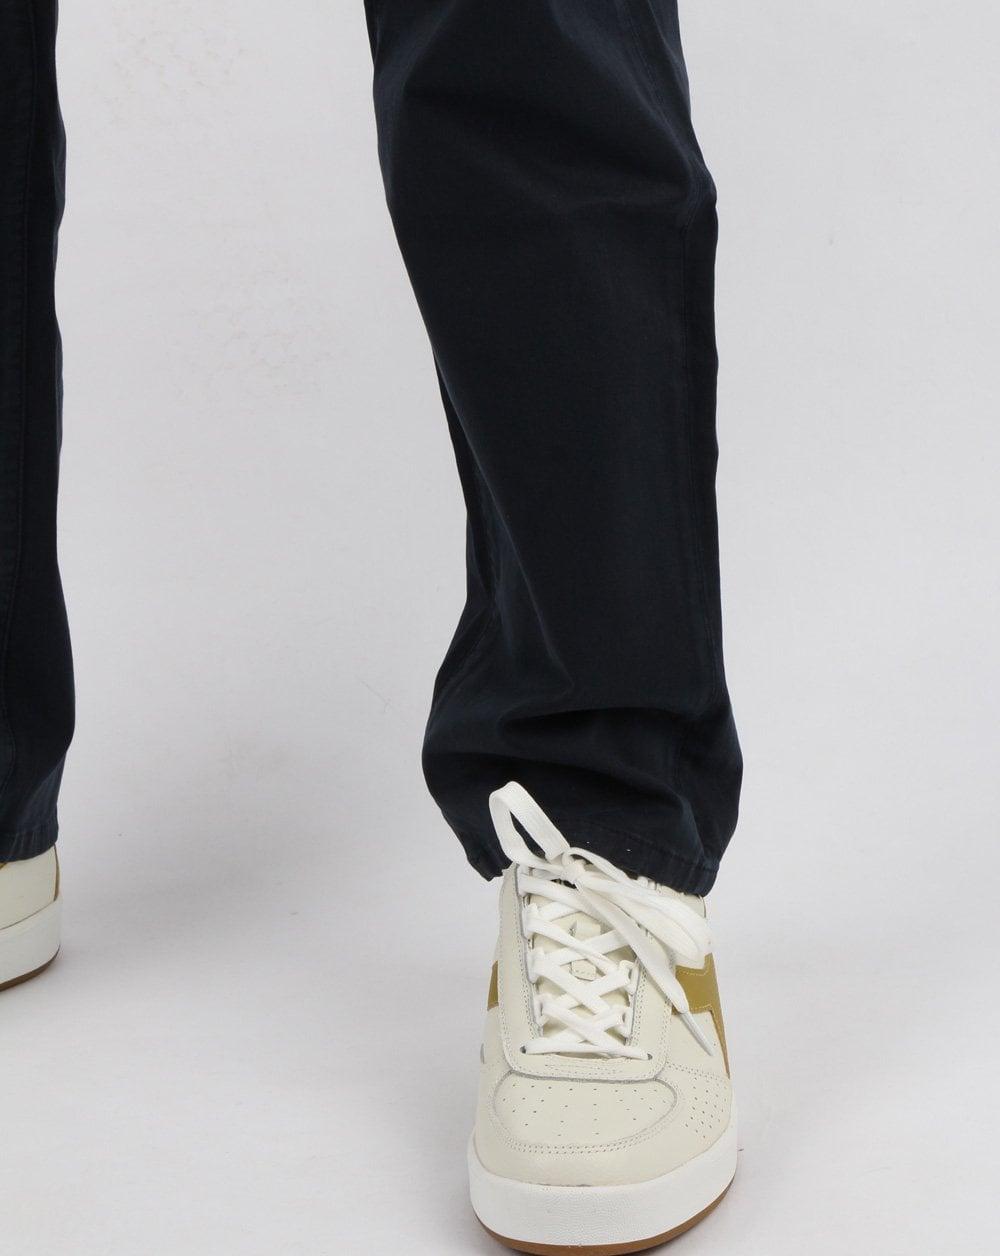 första titt handla bästsäljare detaljerad look Gant, Regular, Desert, Jeans, Navy | 80s casual classics